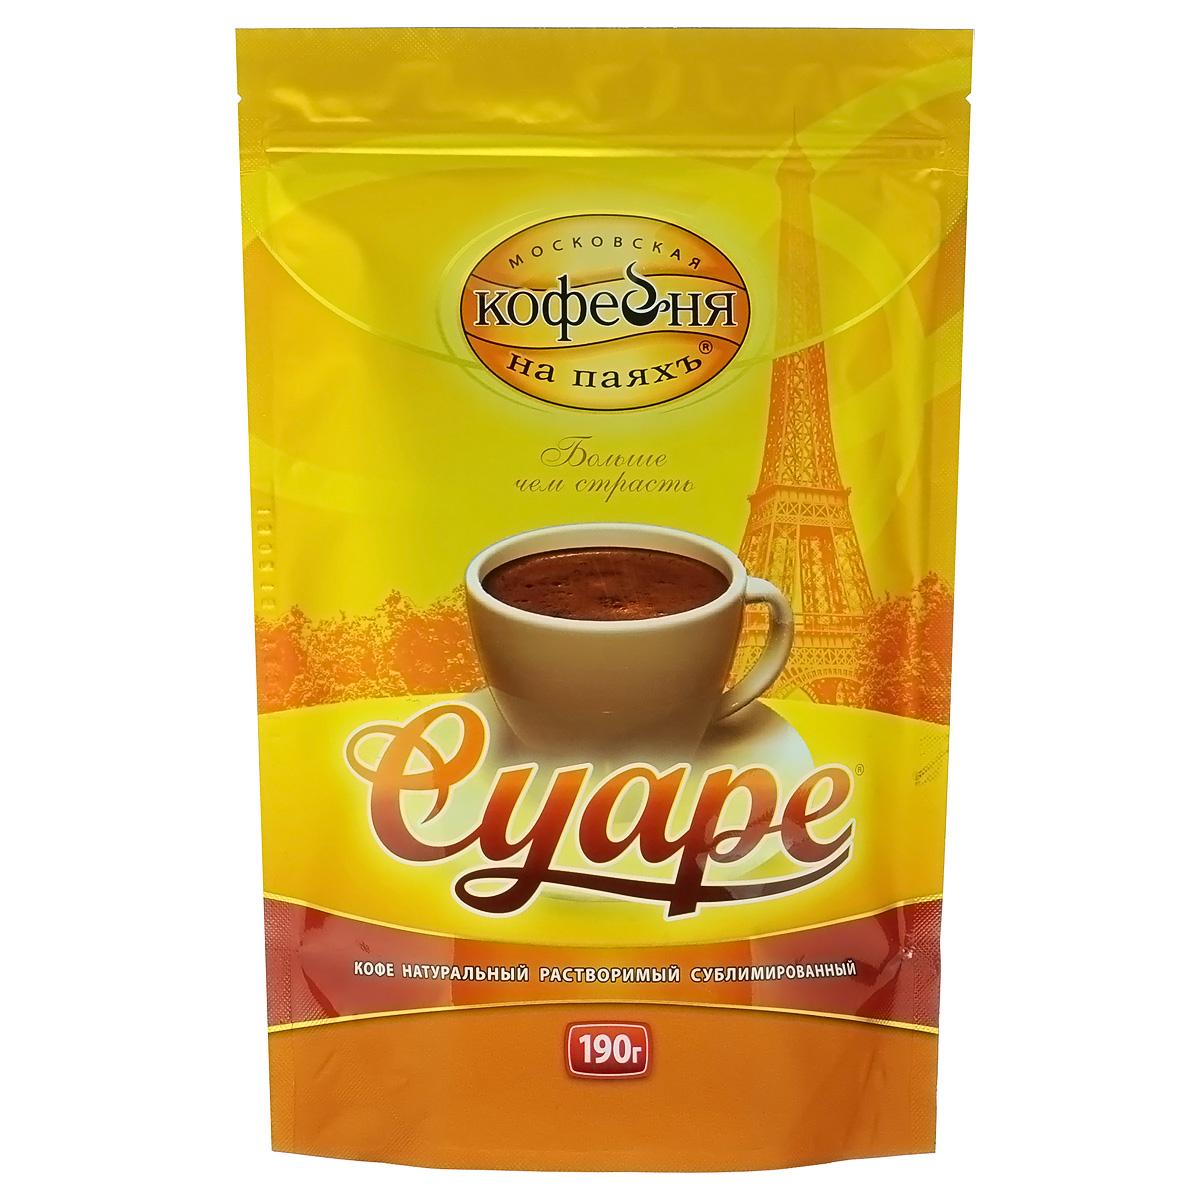 Московская кофейня на паяхъ Суаре кофе растворимый, пакет 190 г101246Кофе натуральный растворимый сублимированный Московская кофейня на паяхъ Суаре. Создателей этого кофе вдохновила беззаботная атмосфера парижских кофеен. Этот крепкий, с благородной горчинкой кофе подойдет и для романтического вечера вдвоем, и для перерыва посреди напряженного рабочего дня.